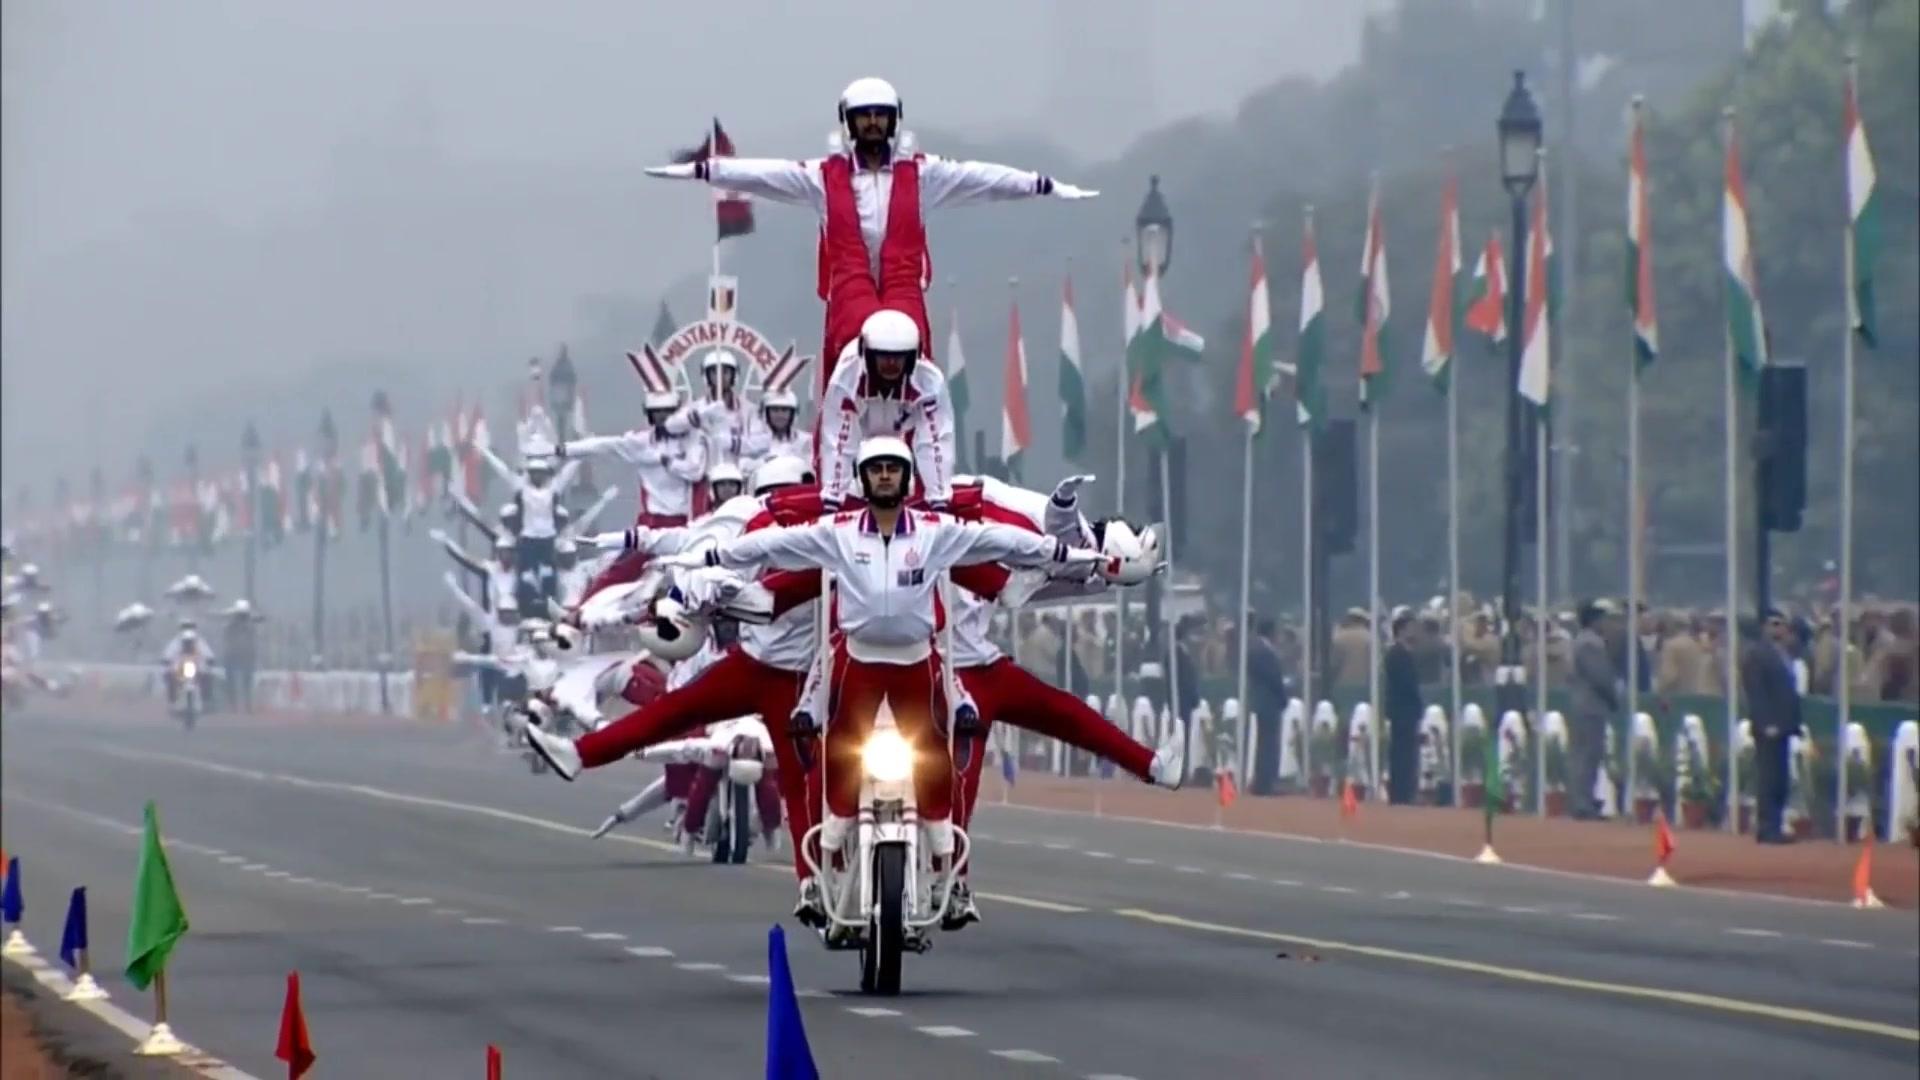 【东北玩泥巴】印度阅兵摩托军 马戏杂技无敌啦 哔哩哔哩 ゜ ゜ つロ 干杯 Bilibili